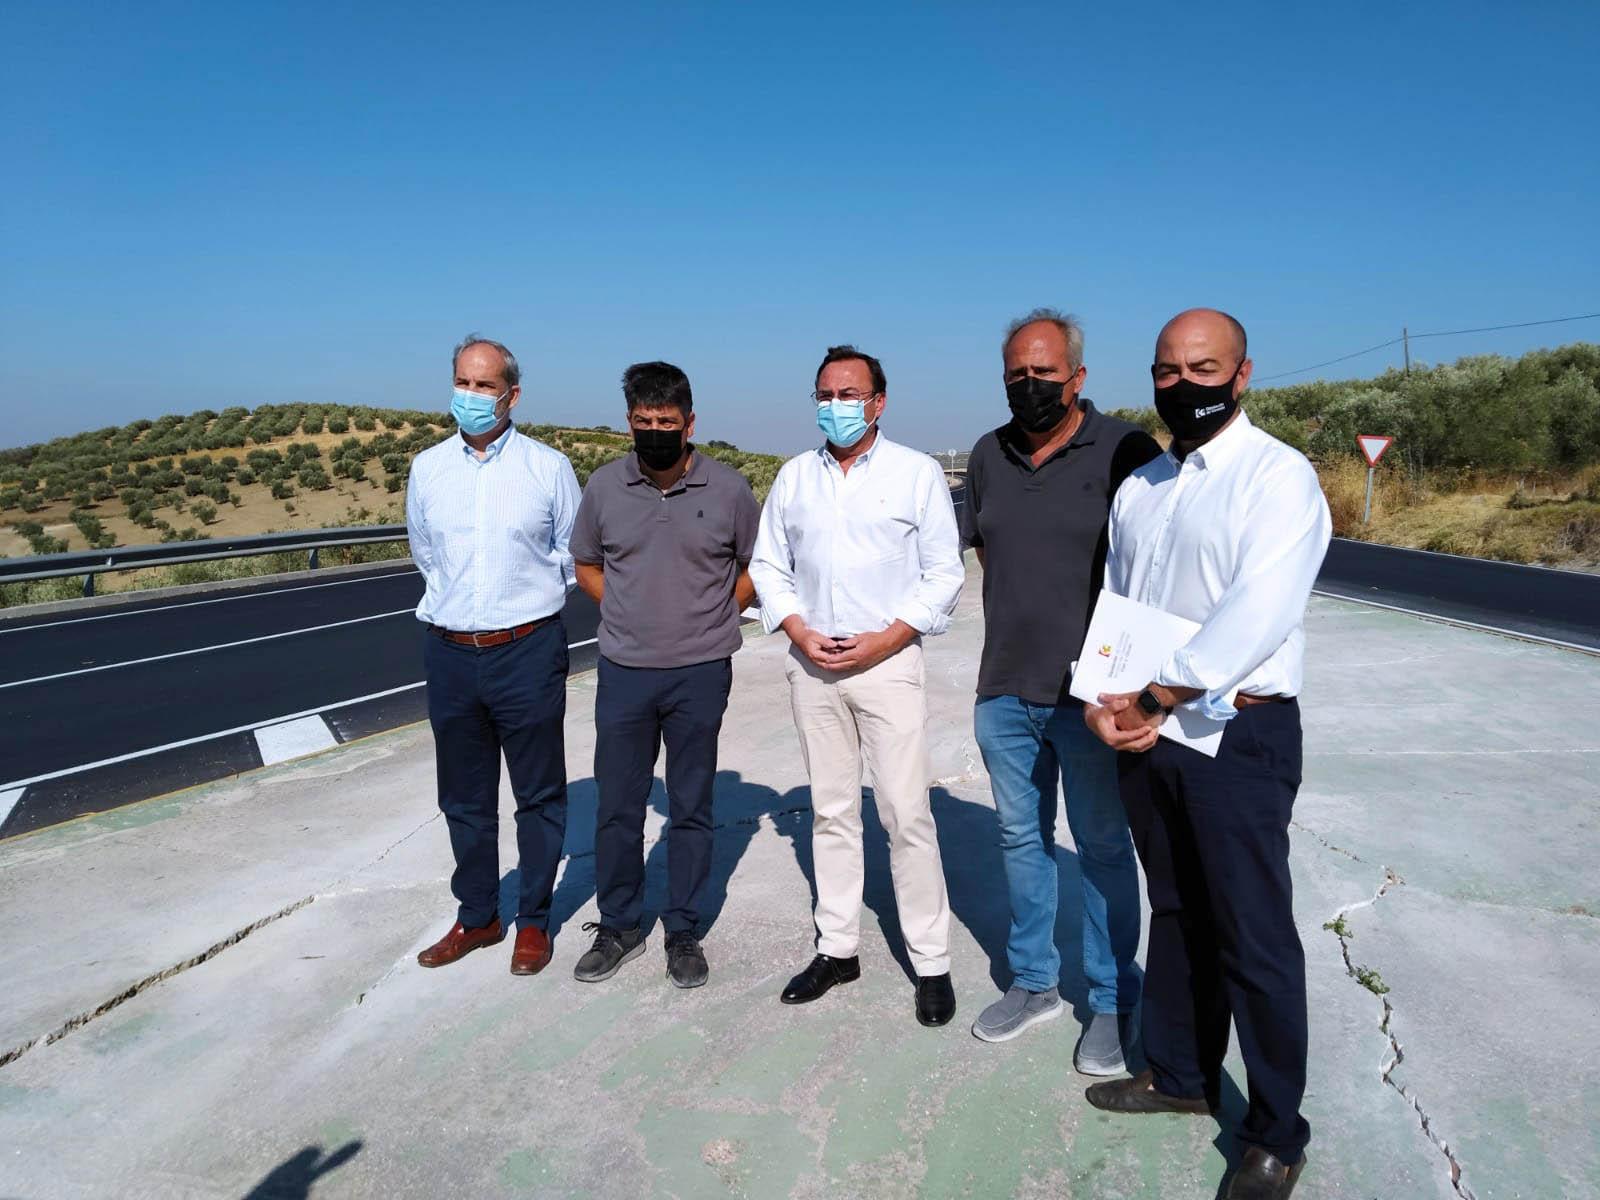 La Delegación de Carreteras de la Diputación de Córdoba interviene en la CO-5209 'De Monturque a Montilla' por Cerro Macho